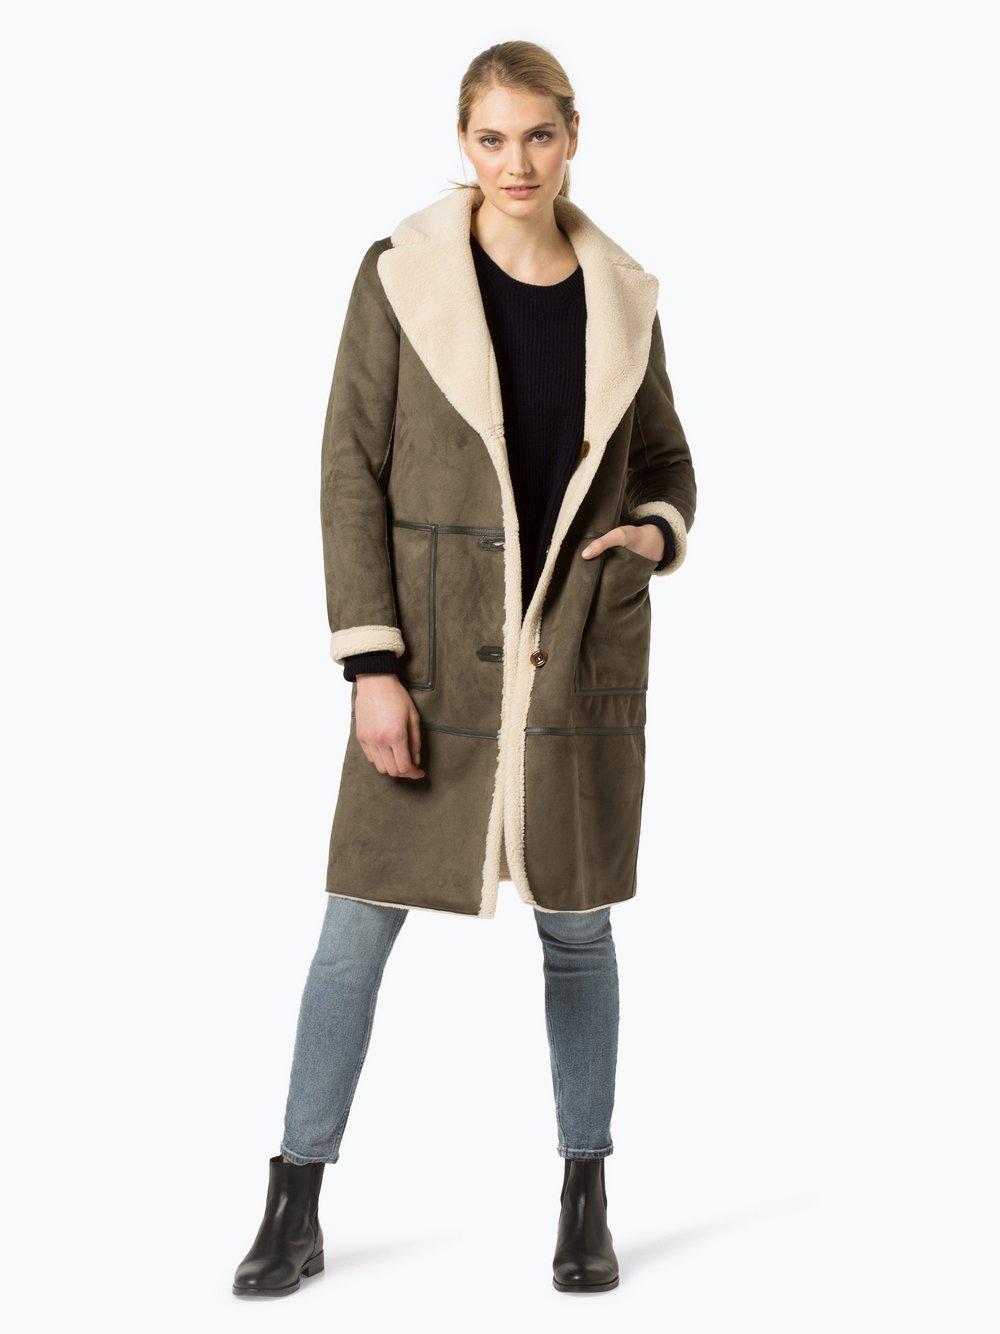 Marie Lund - Damski płaszcz dwustronny, zielony